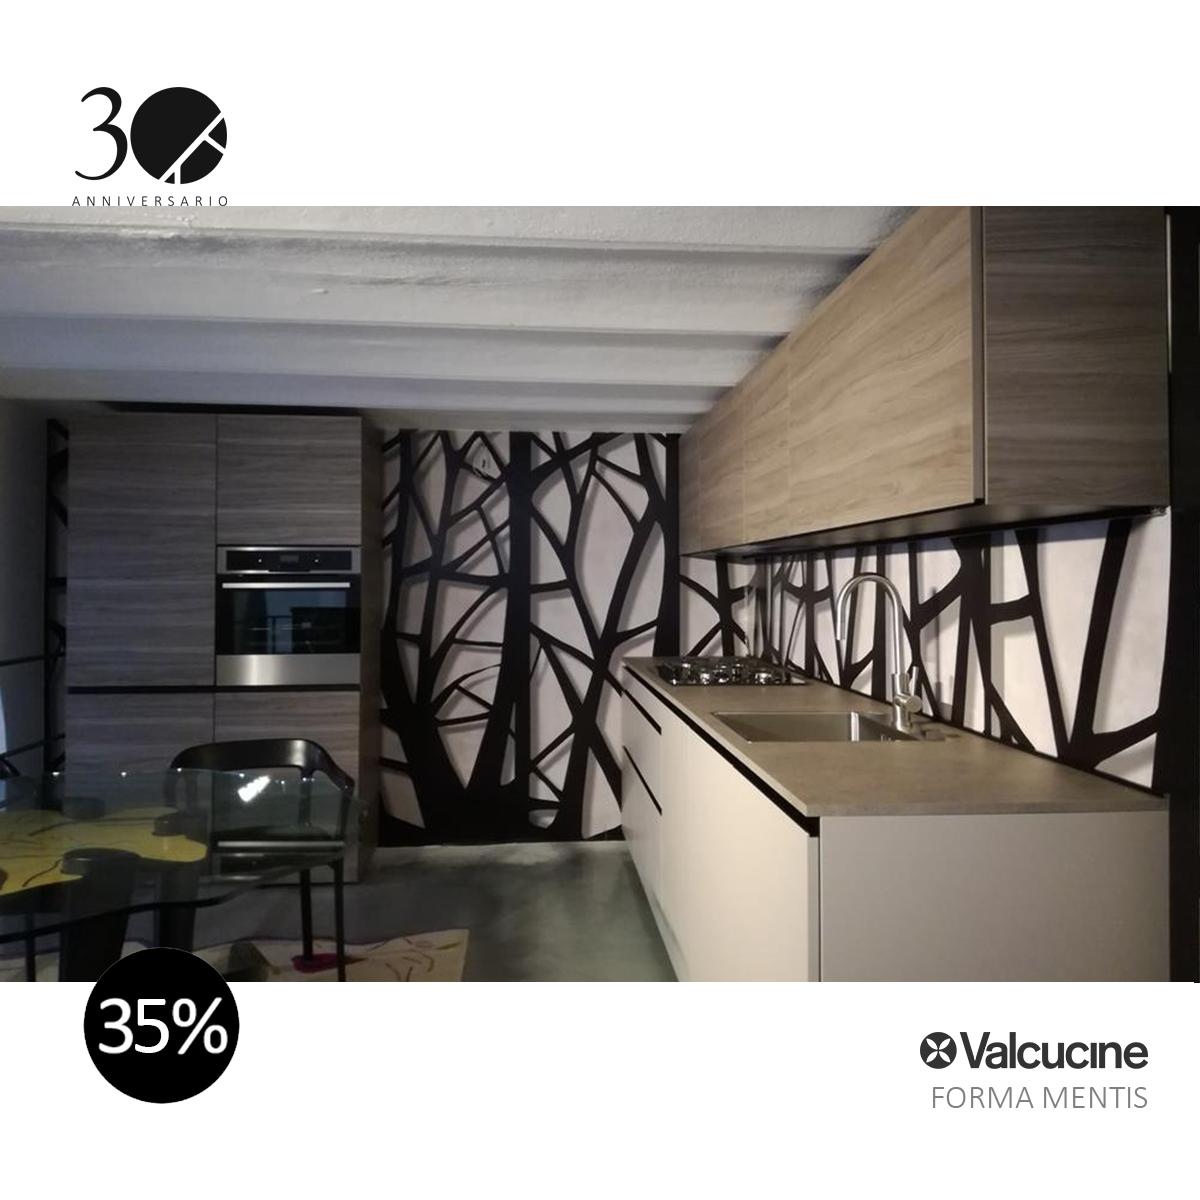 VALCUCINE - FORMA MENTIS 2